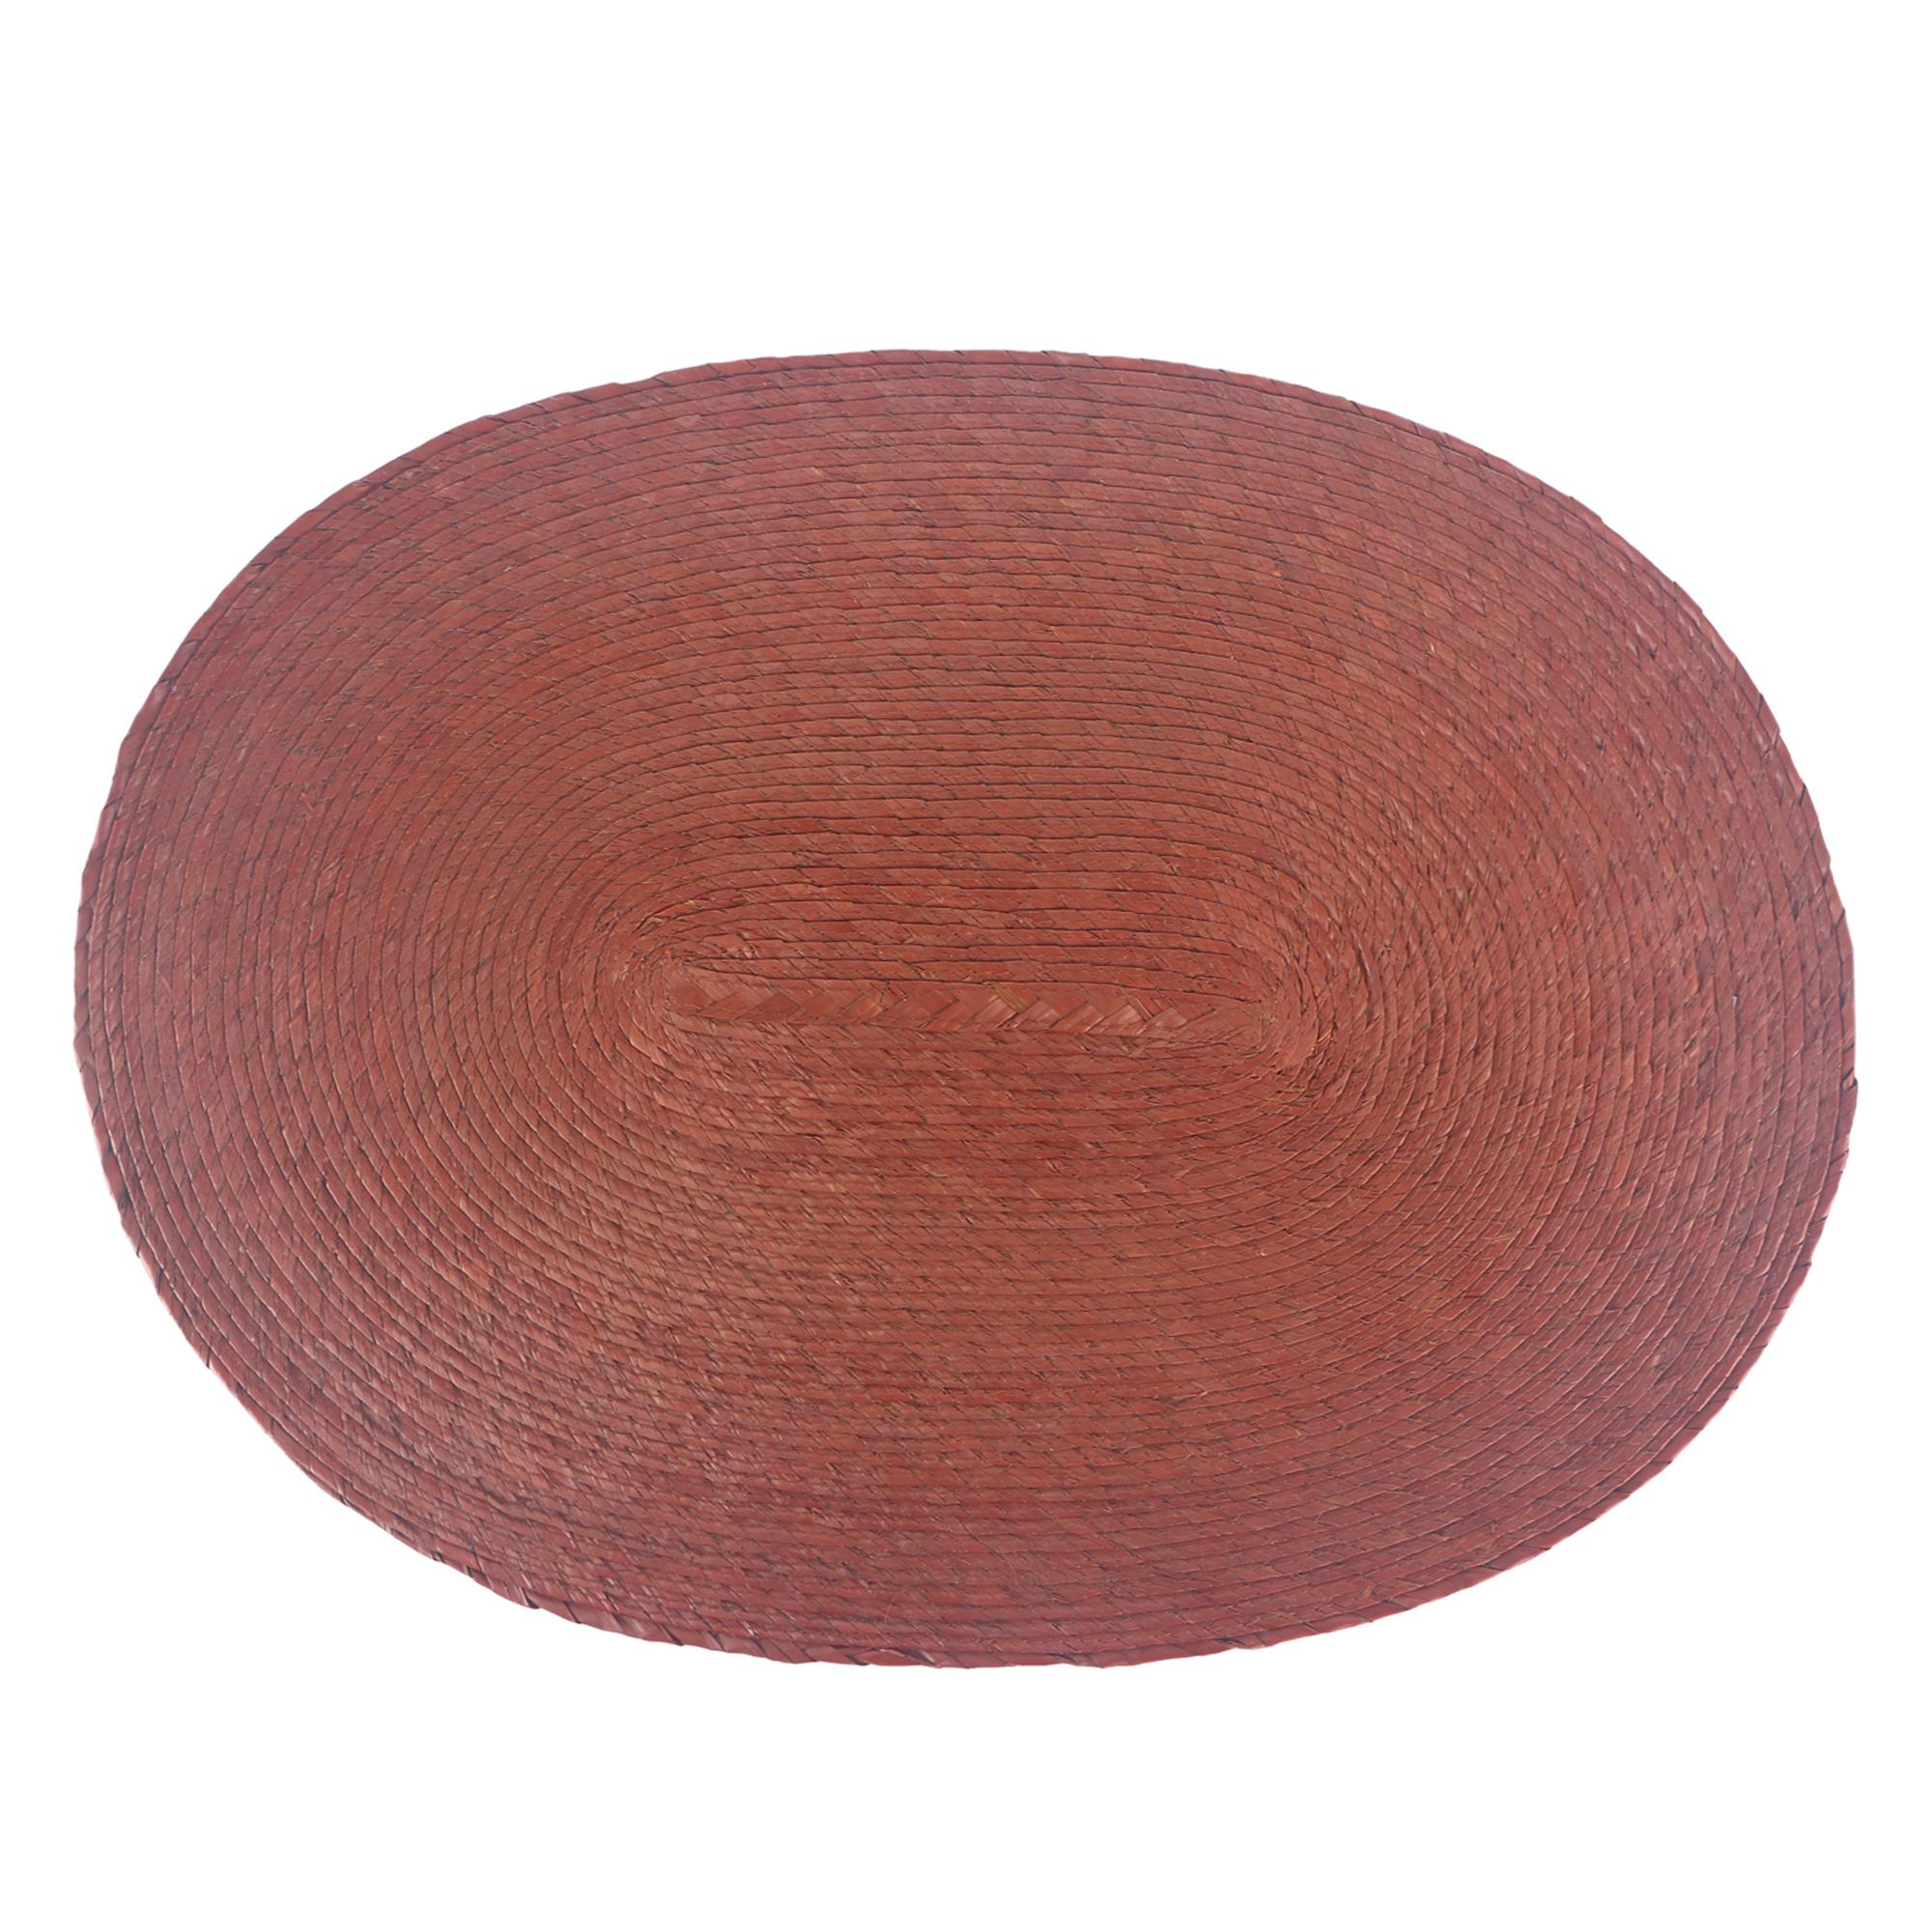 Фото - Салфетка овальная Asa selection 46х33 см коричневая салфетка под посуду asa selection tabletops 46x33 см